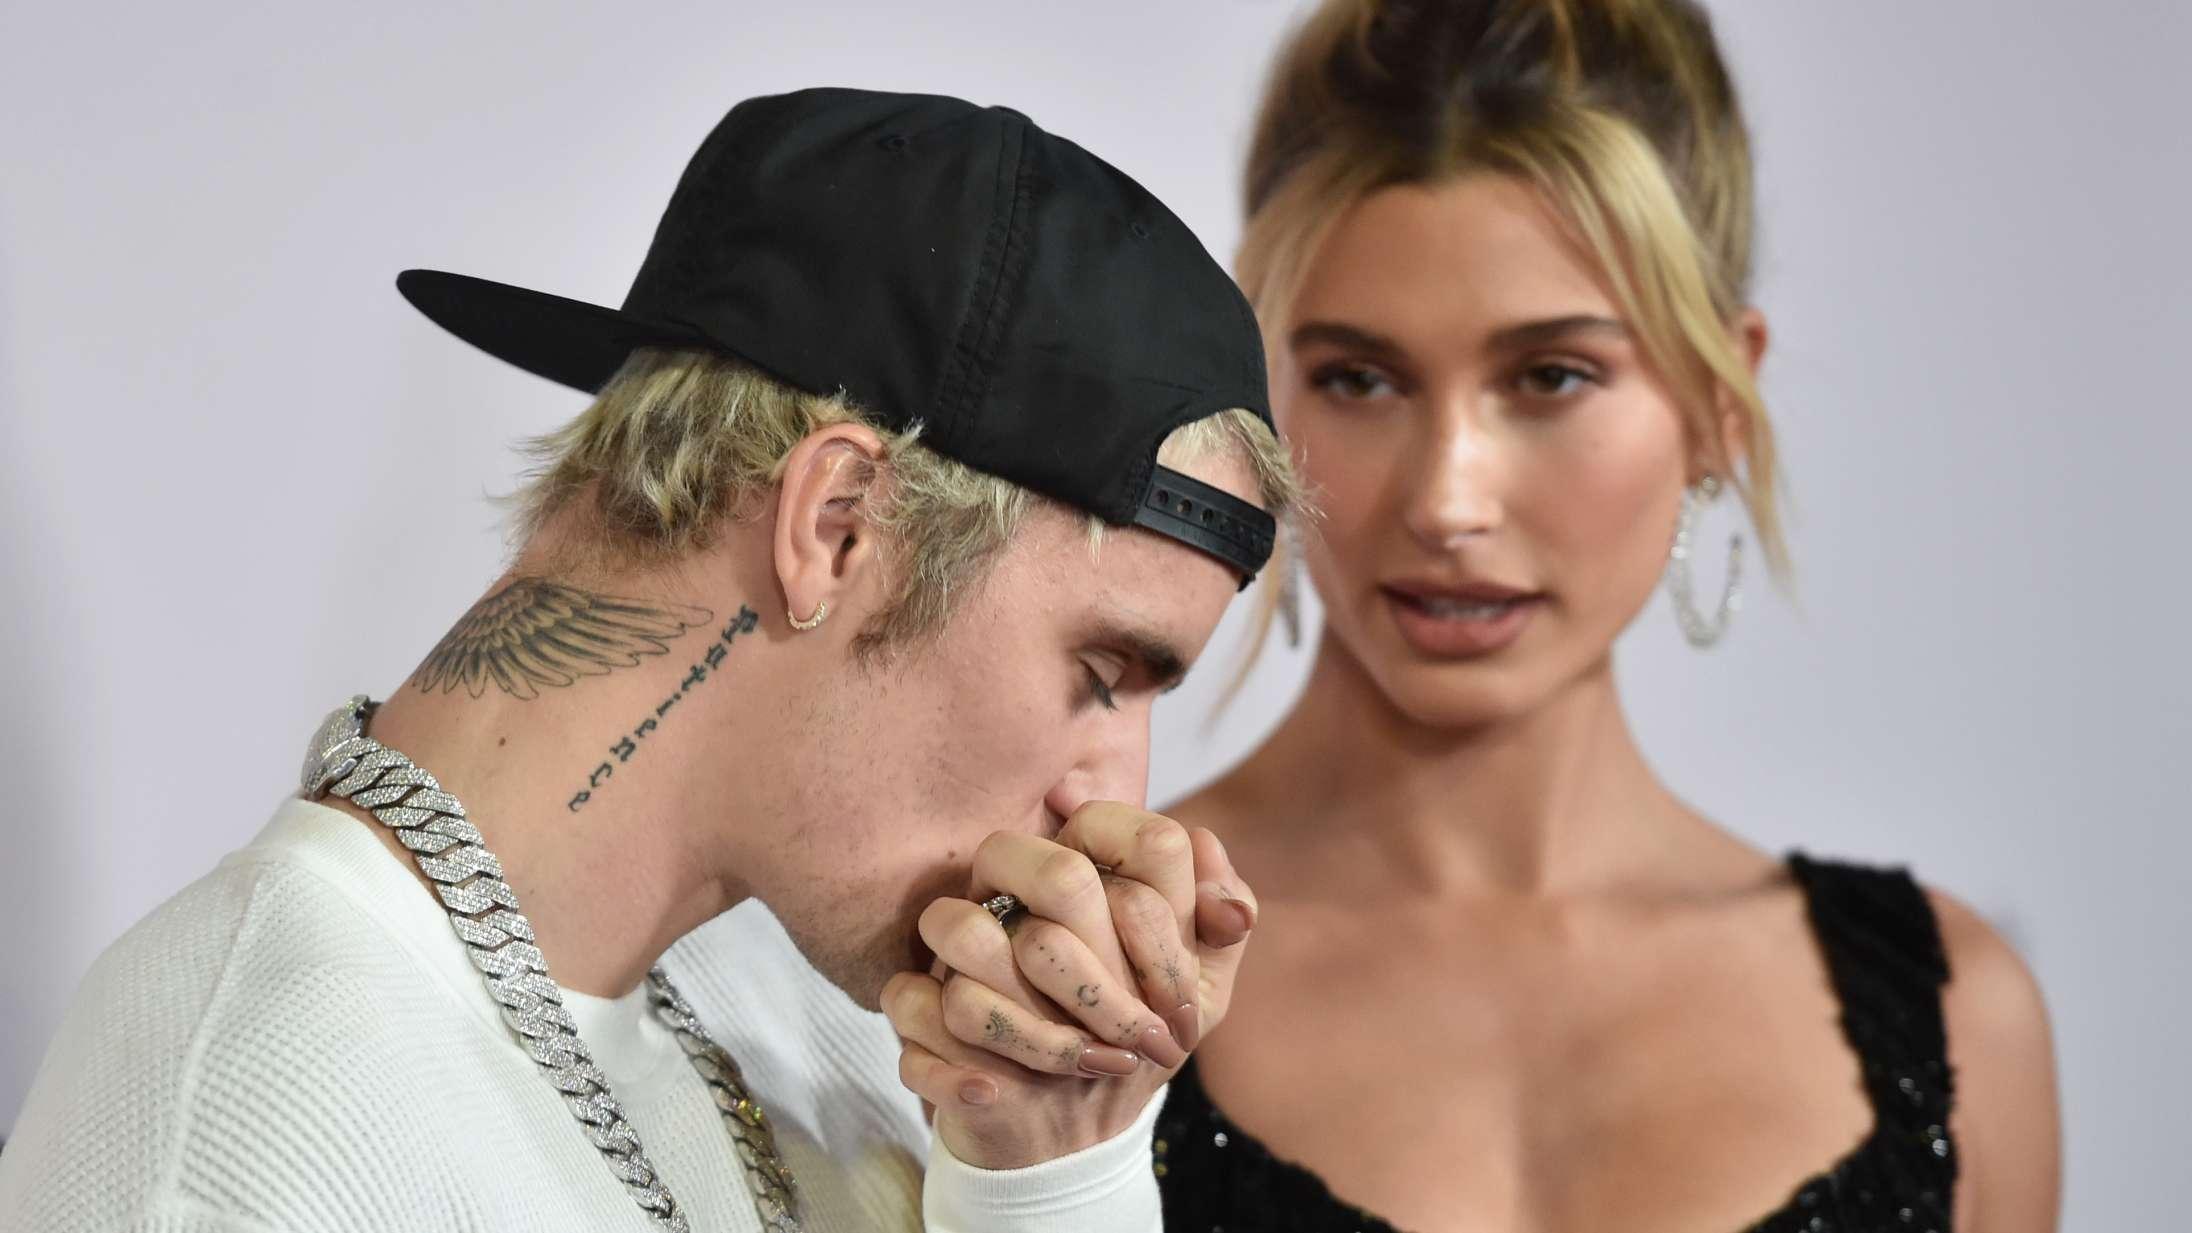 Vi kårer de bedste, værste og mest corny kærlighedstekster på Justin Biebers nye album 'Justice'